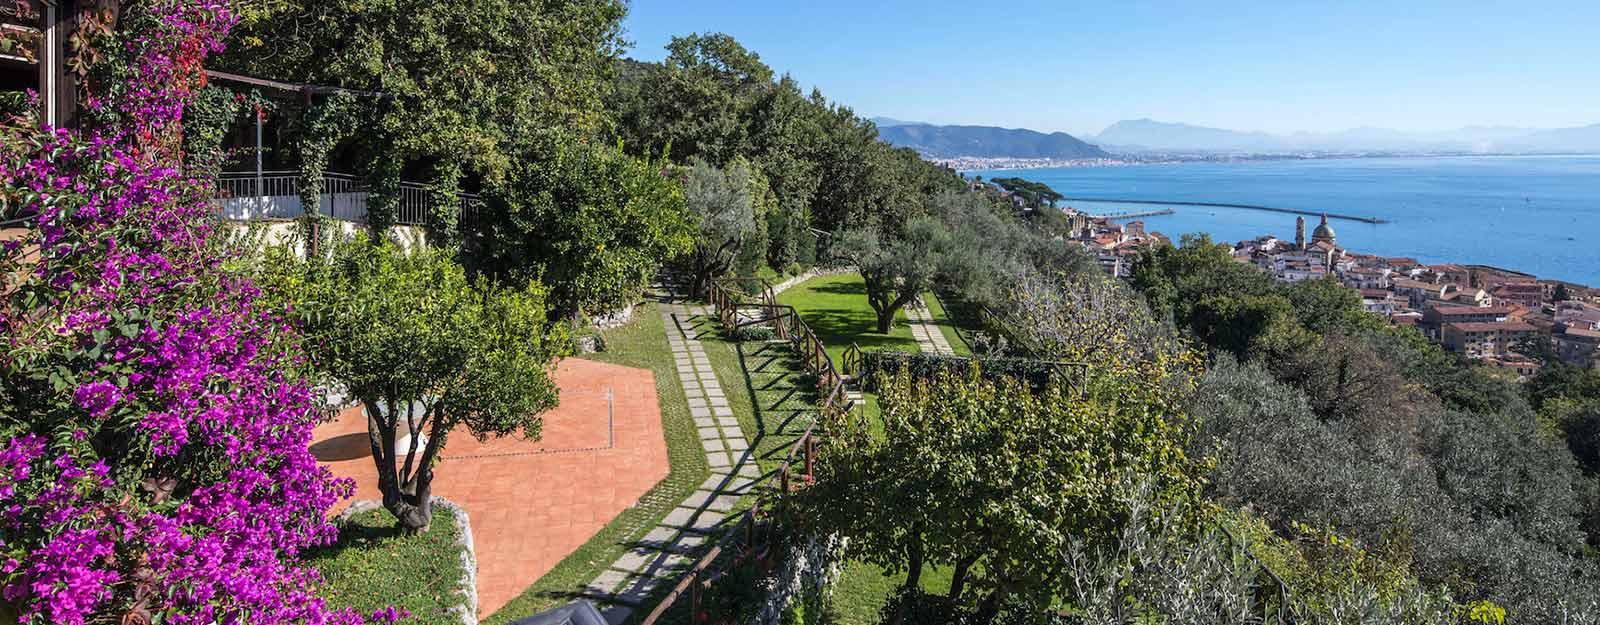 Villa Divina Amalfi coast